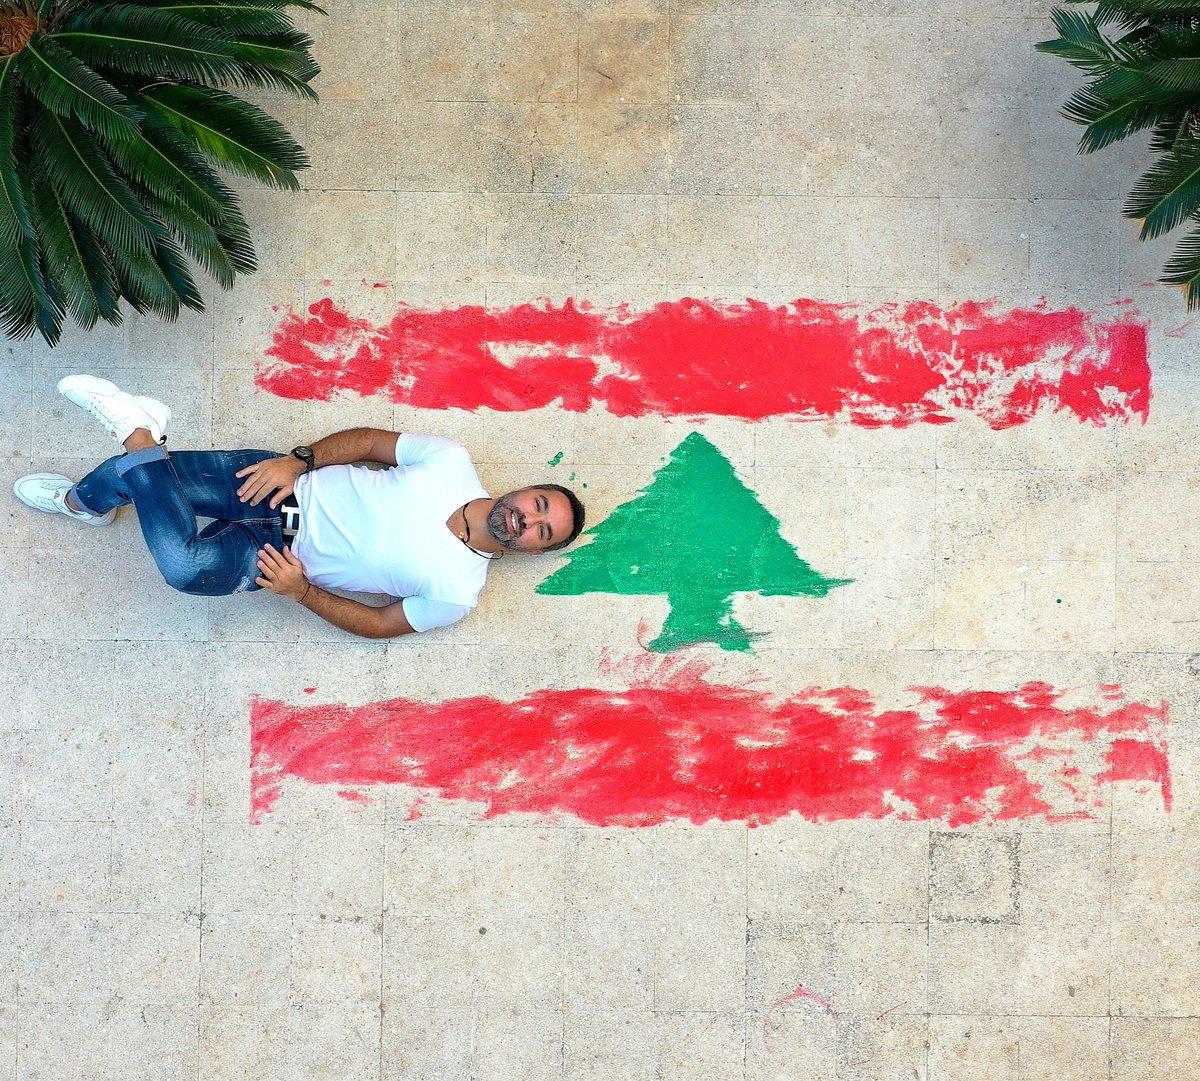 ايه منحبّك بضلّ حبّك بالقلب بقيان... بالمشارق بالمغارب الأحلى يا #لبنان #عيد_الإستقلال #مروان_الشامي